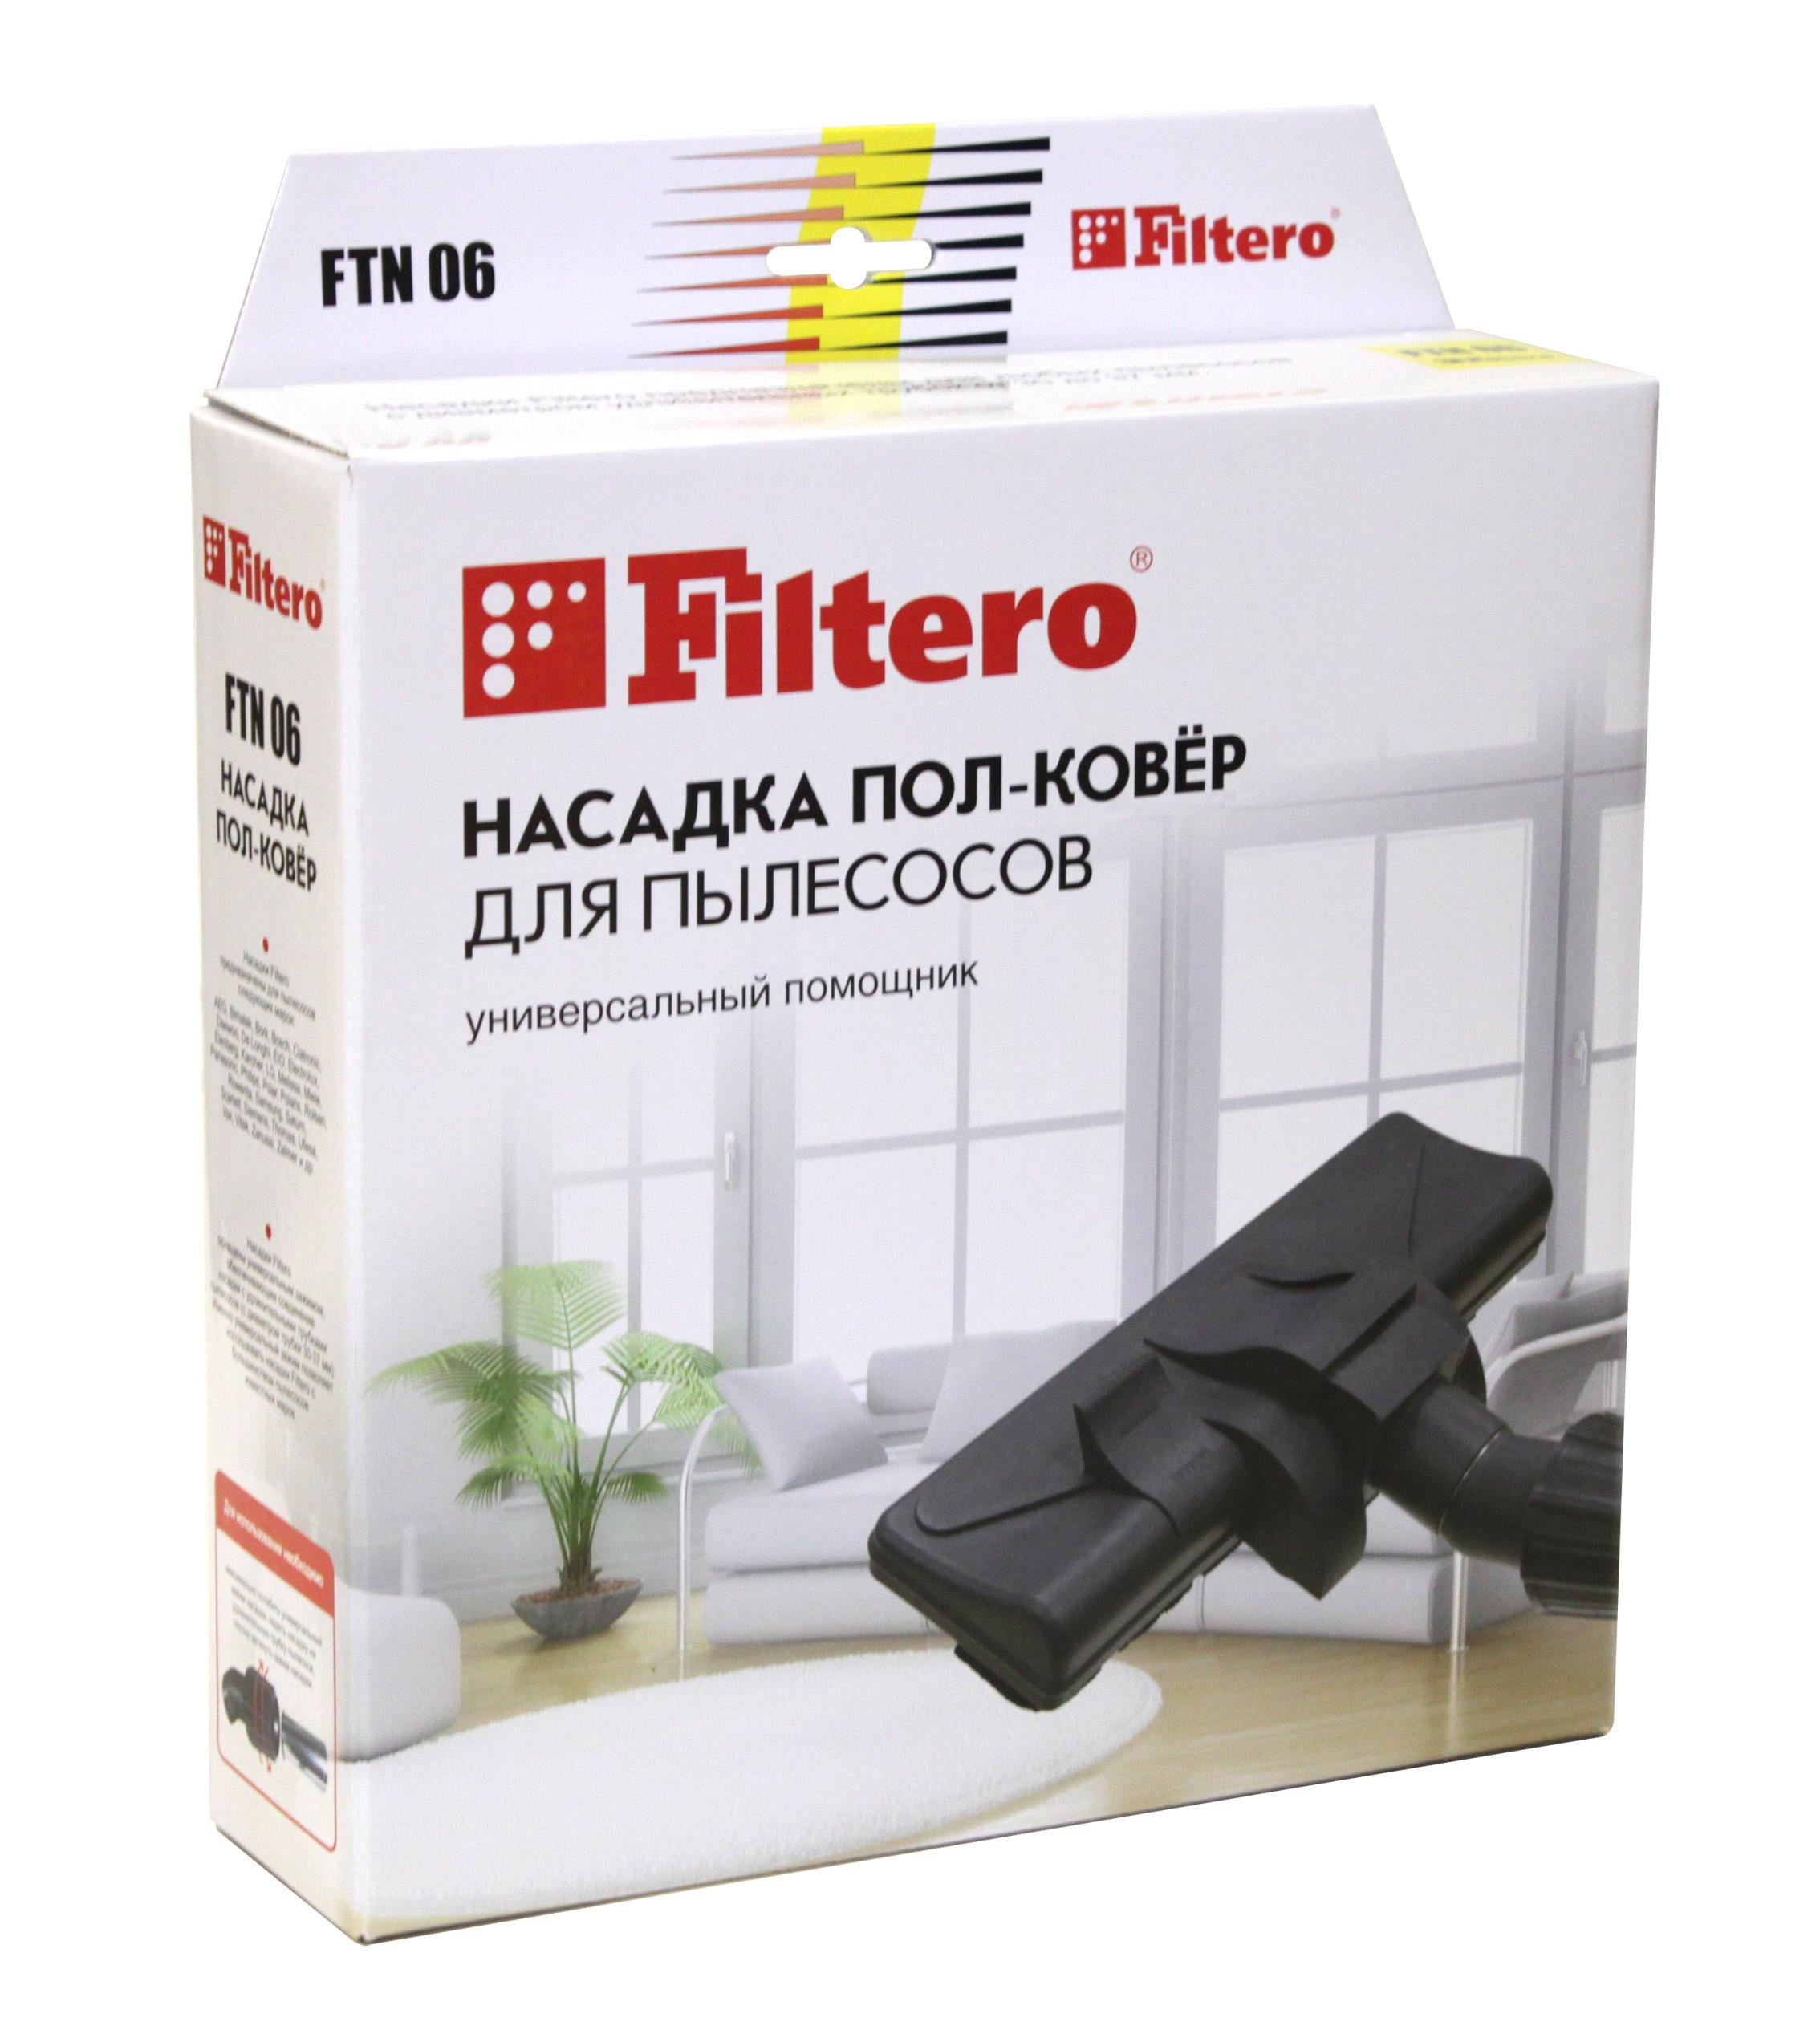 Запчасти Filtero Real Brand Technics 636.000